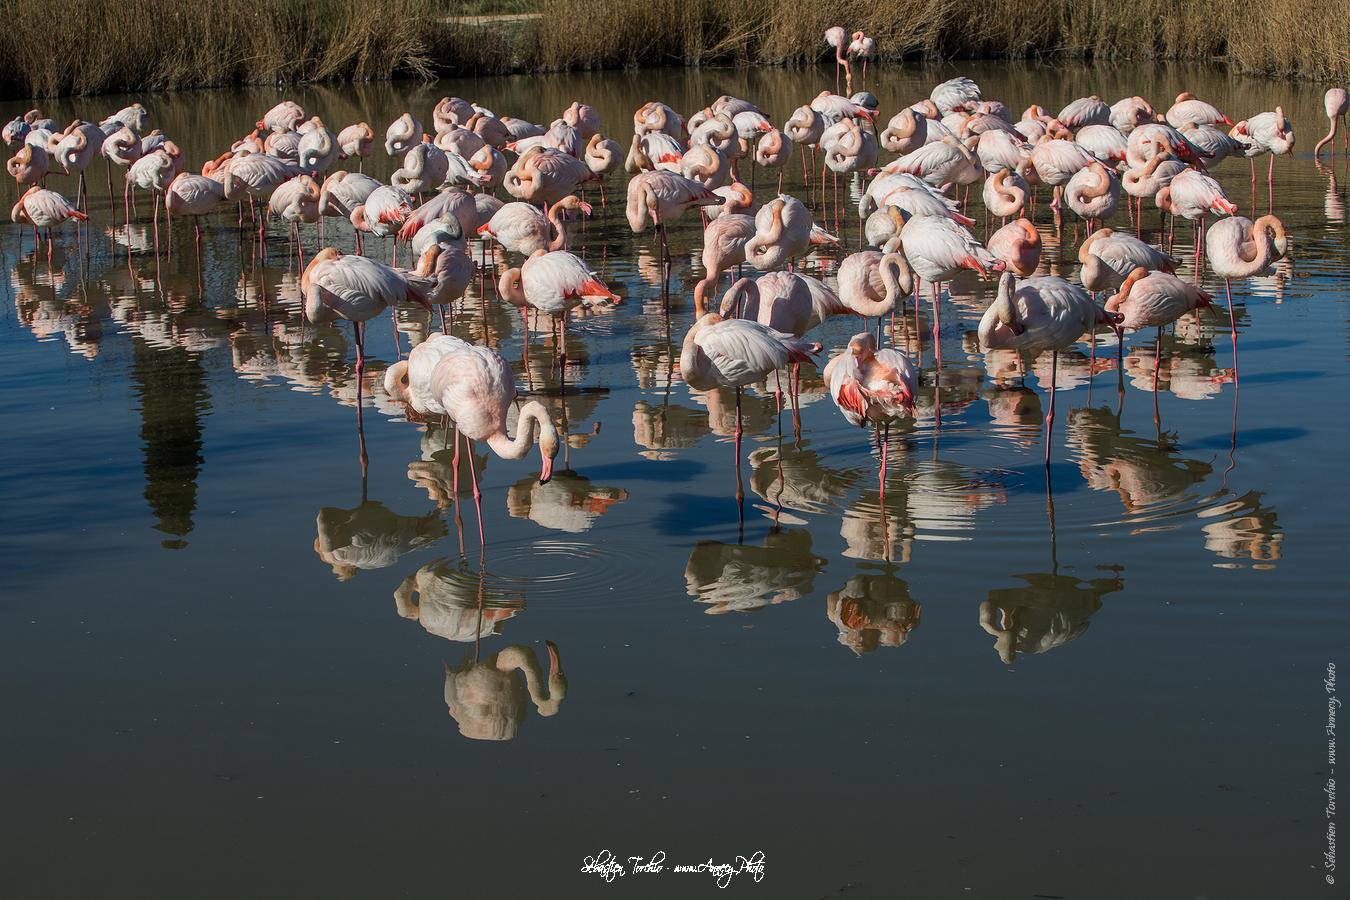 Flamant Rose Parc Naturel Régional de Camargue - © Sébastien TORCHIO, www.Annecy.Photo